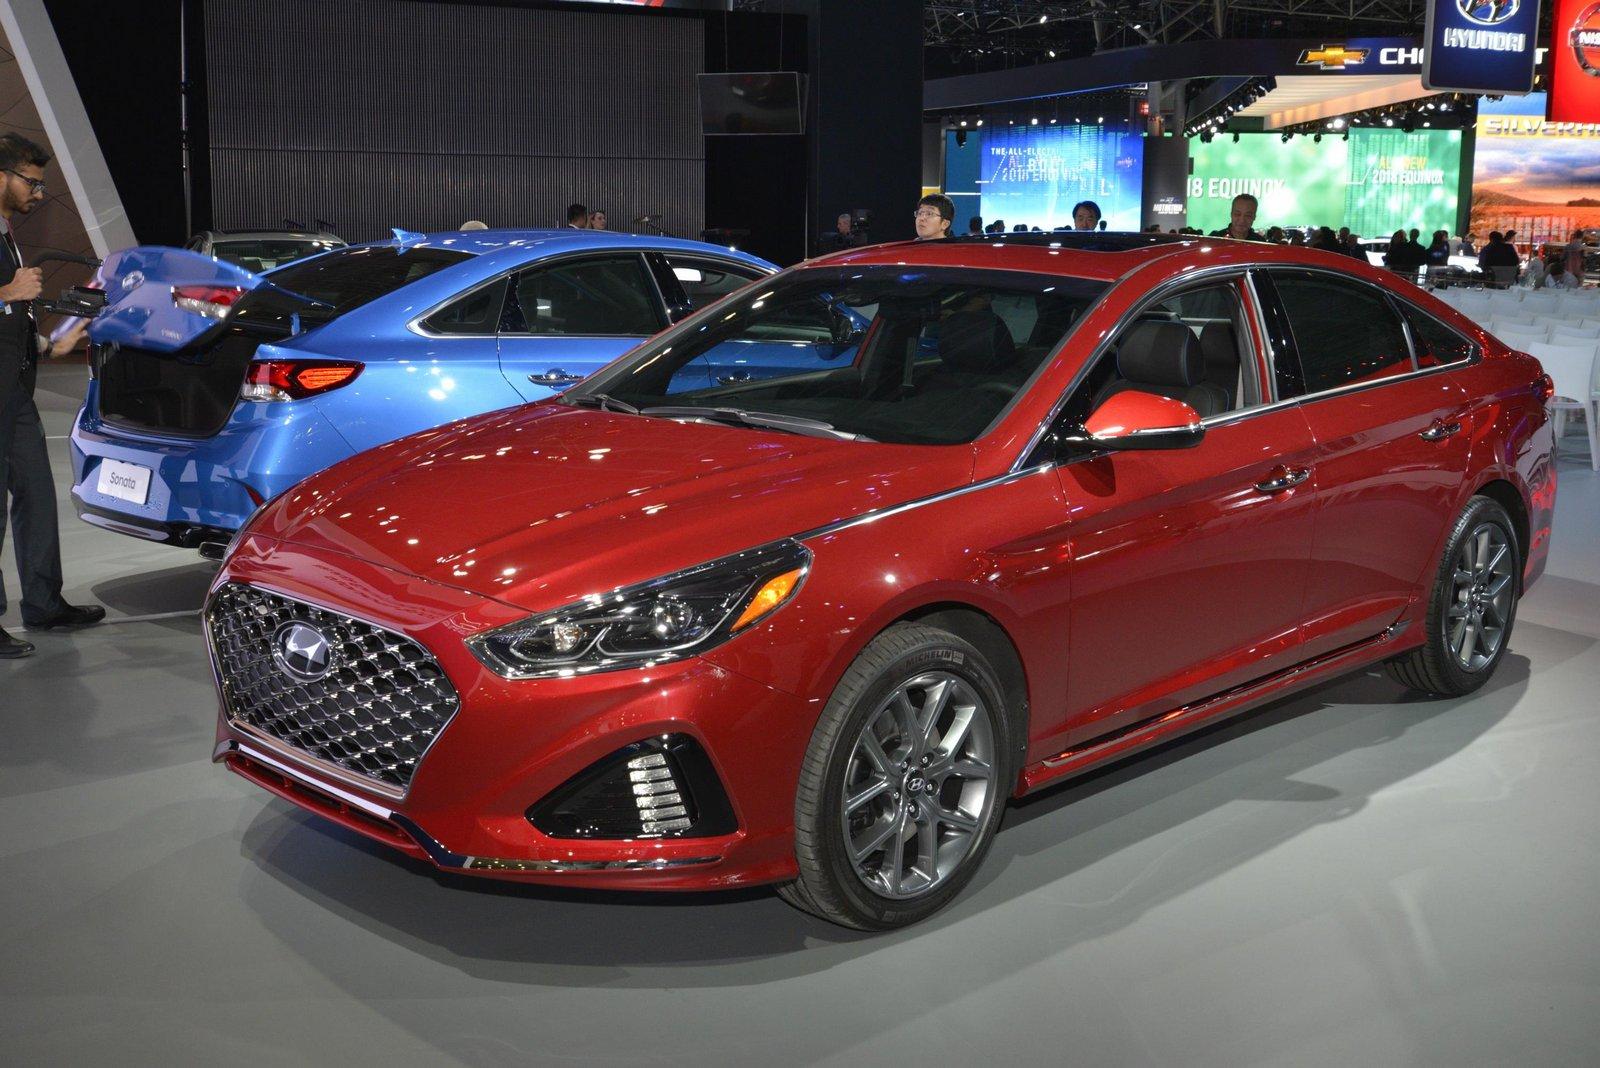 Обновленный Hyundai Sonata 2018. Первые официальные фото